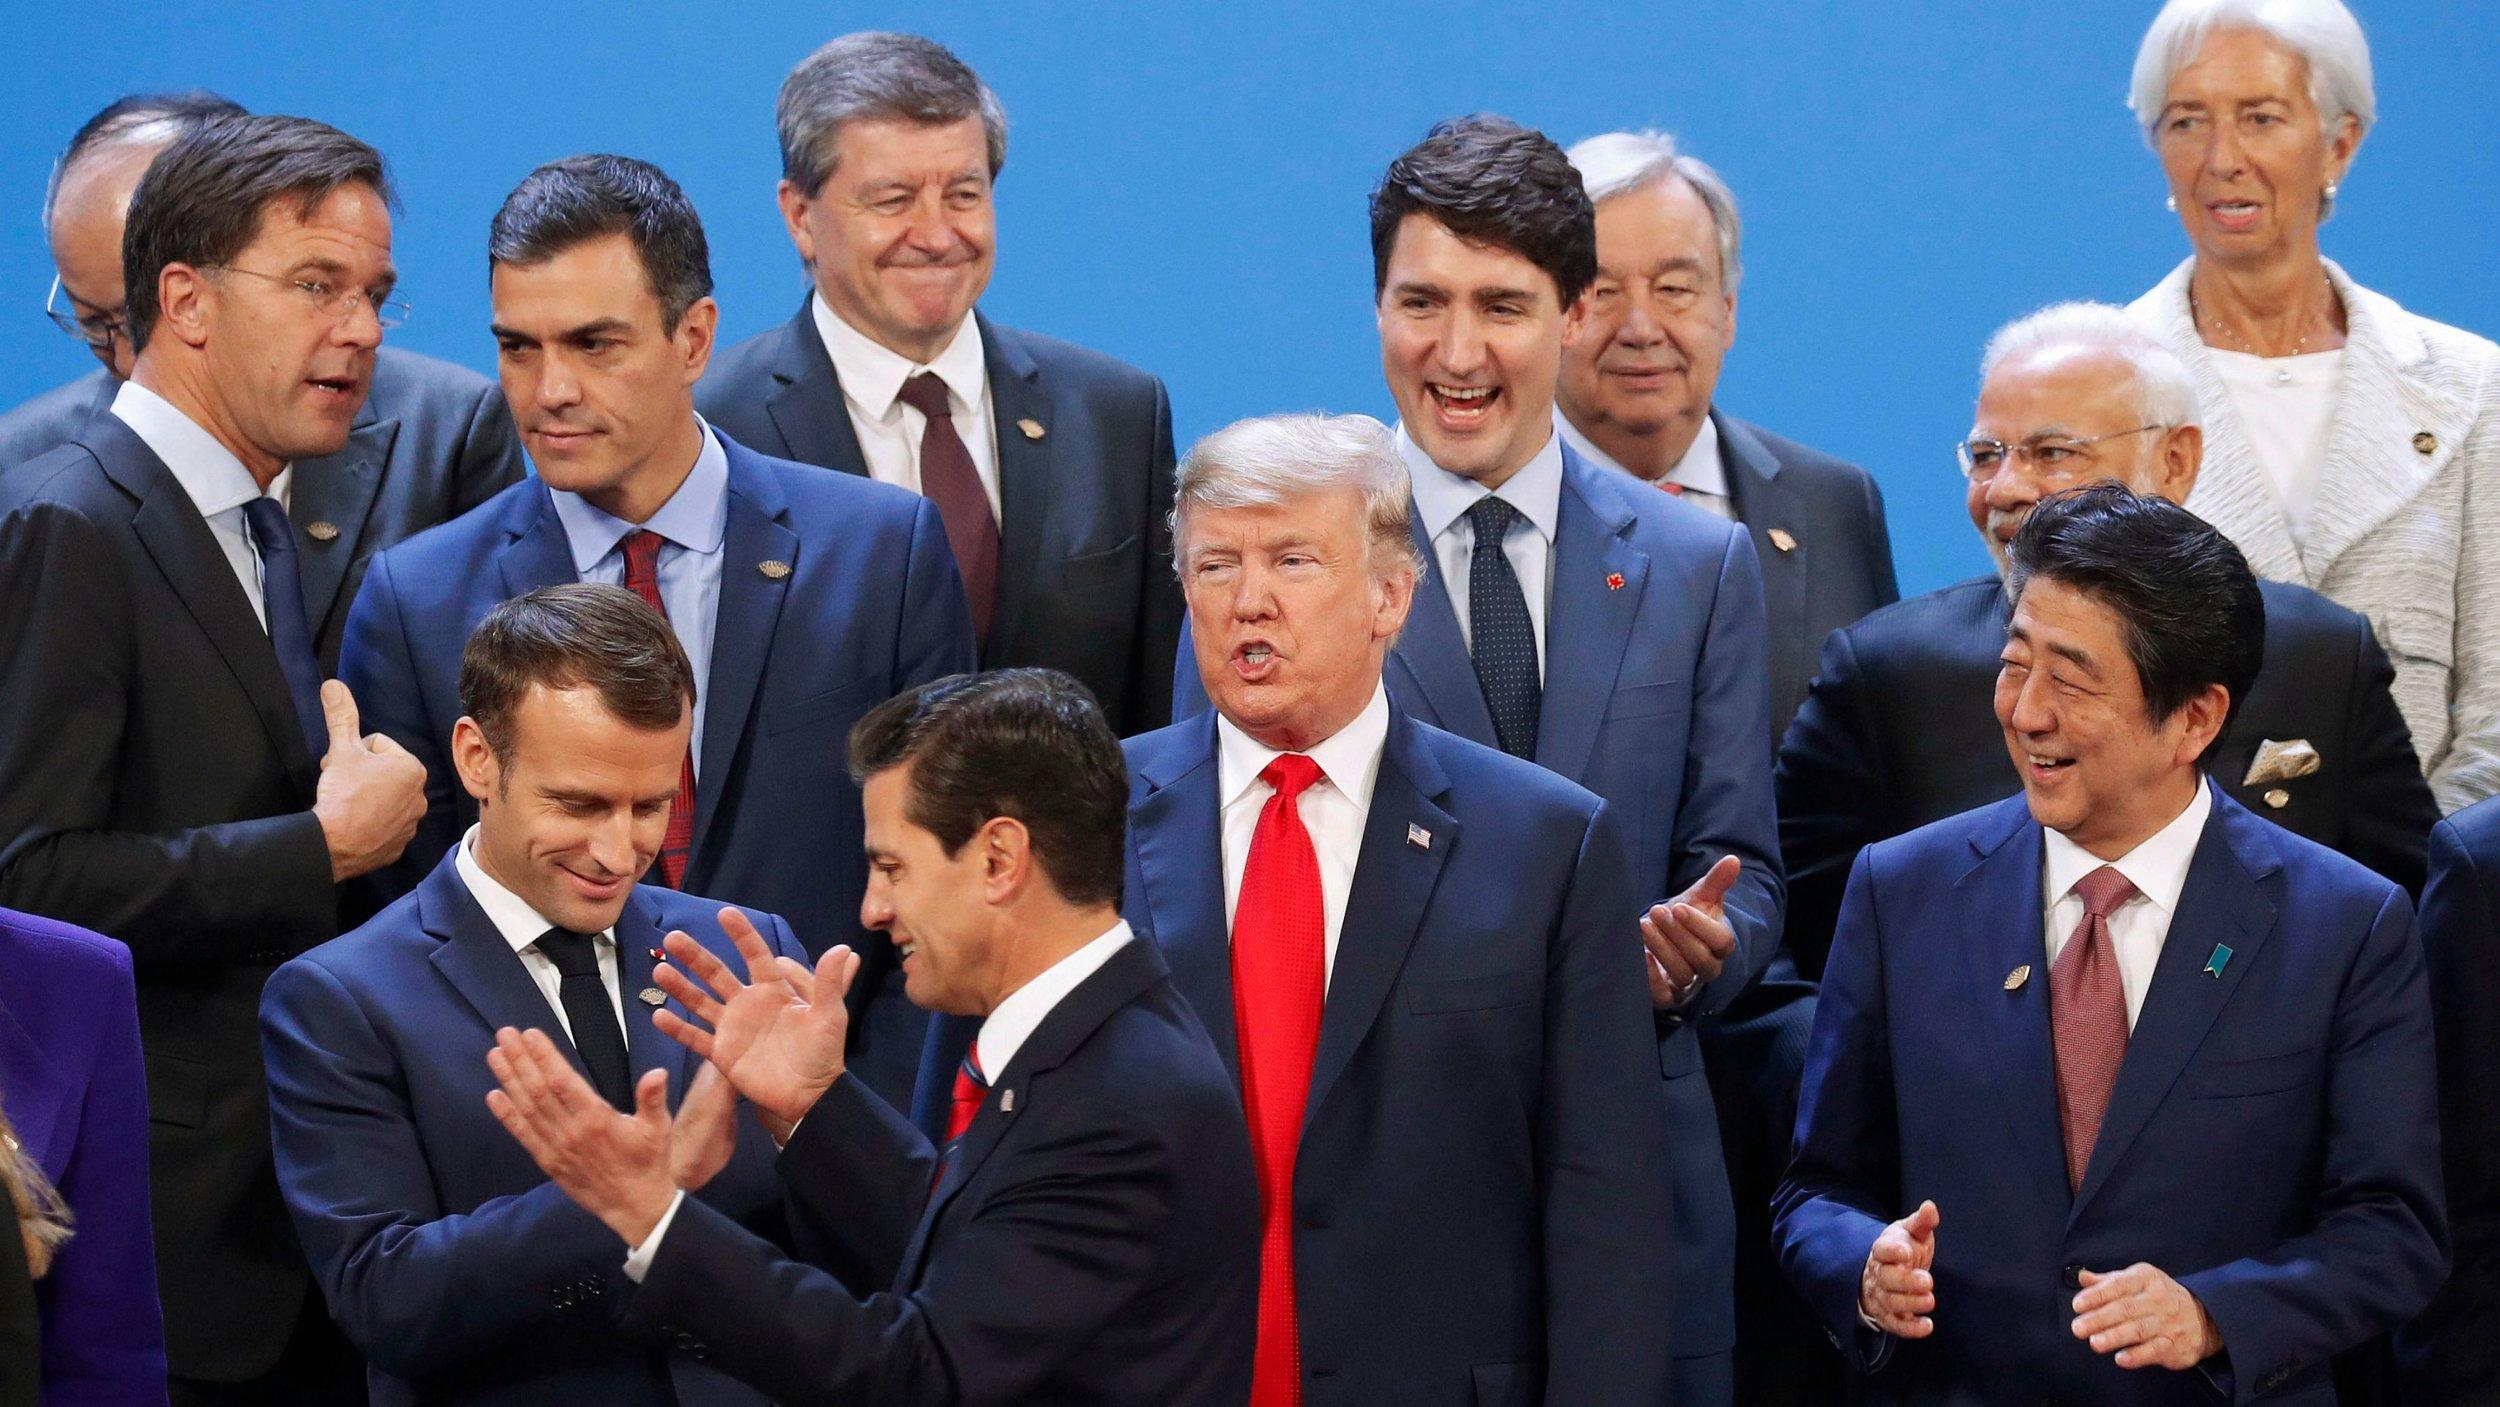 У центрі - президент Франції Емманюель Макрон, президент Мексики Енріке Пенья Ньєто, президент США Дональд Трамп, прем'єр-міністр Канади Джастін Трюдо, прем'єр-міністр Японії Шінцо Абе  Pablo Martinez Monsivais / AP